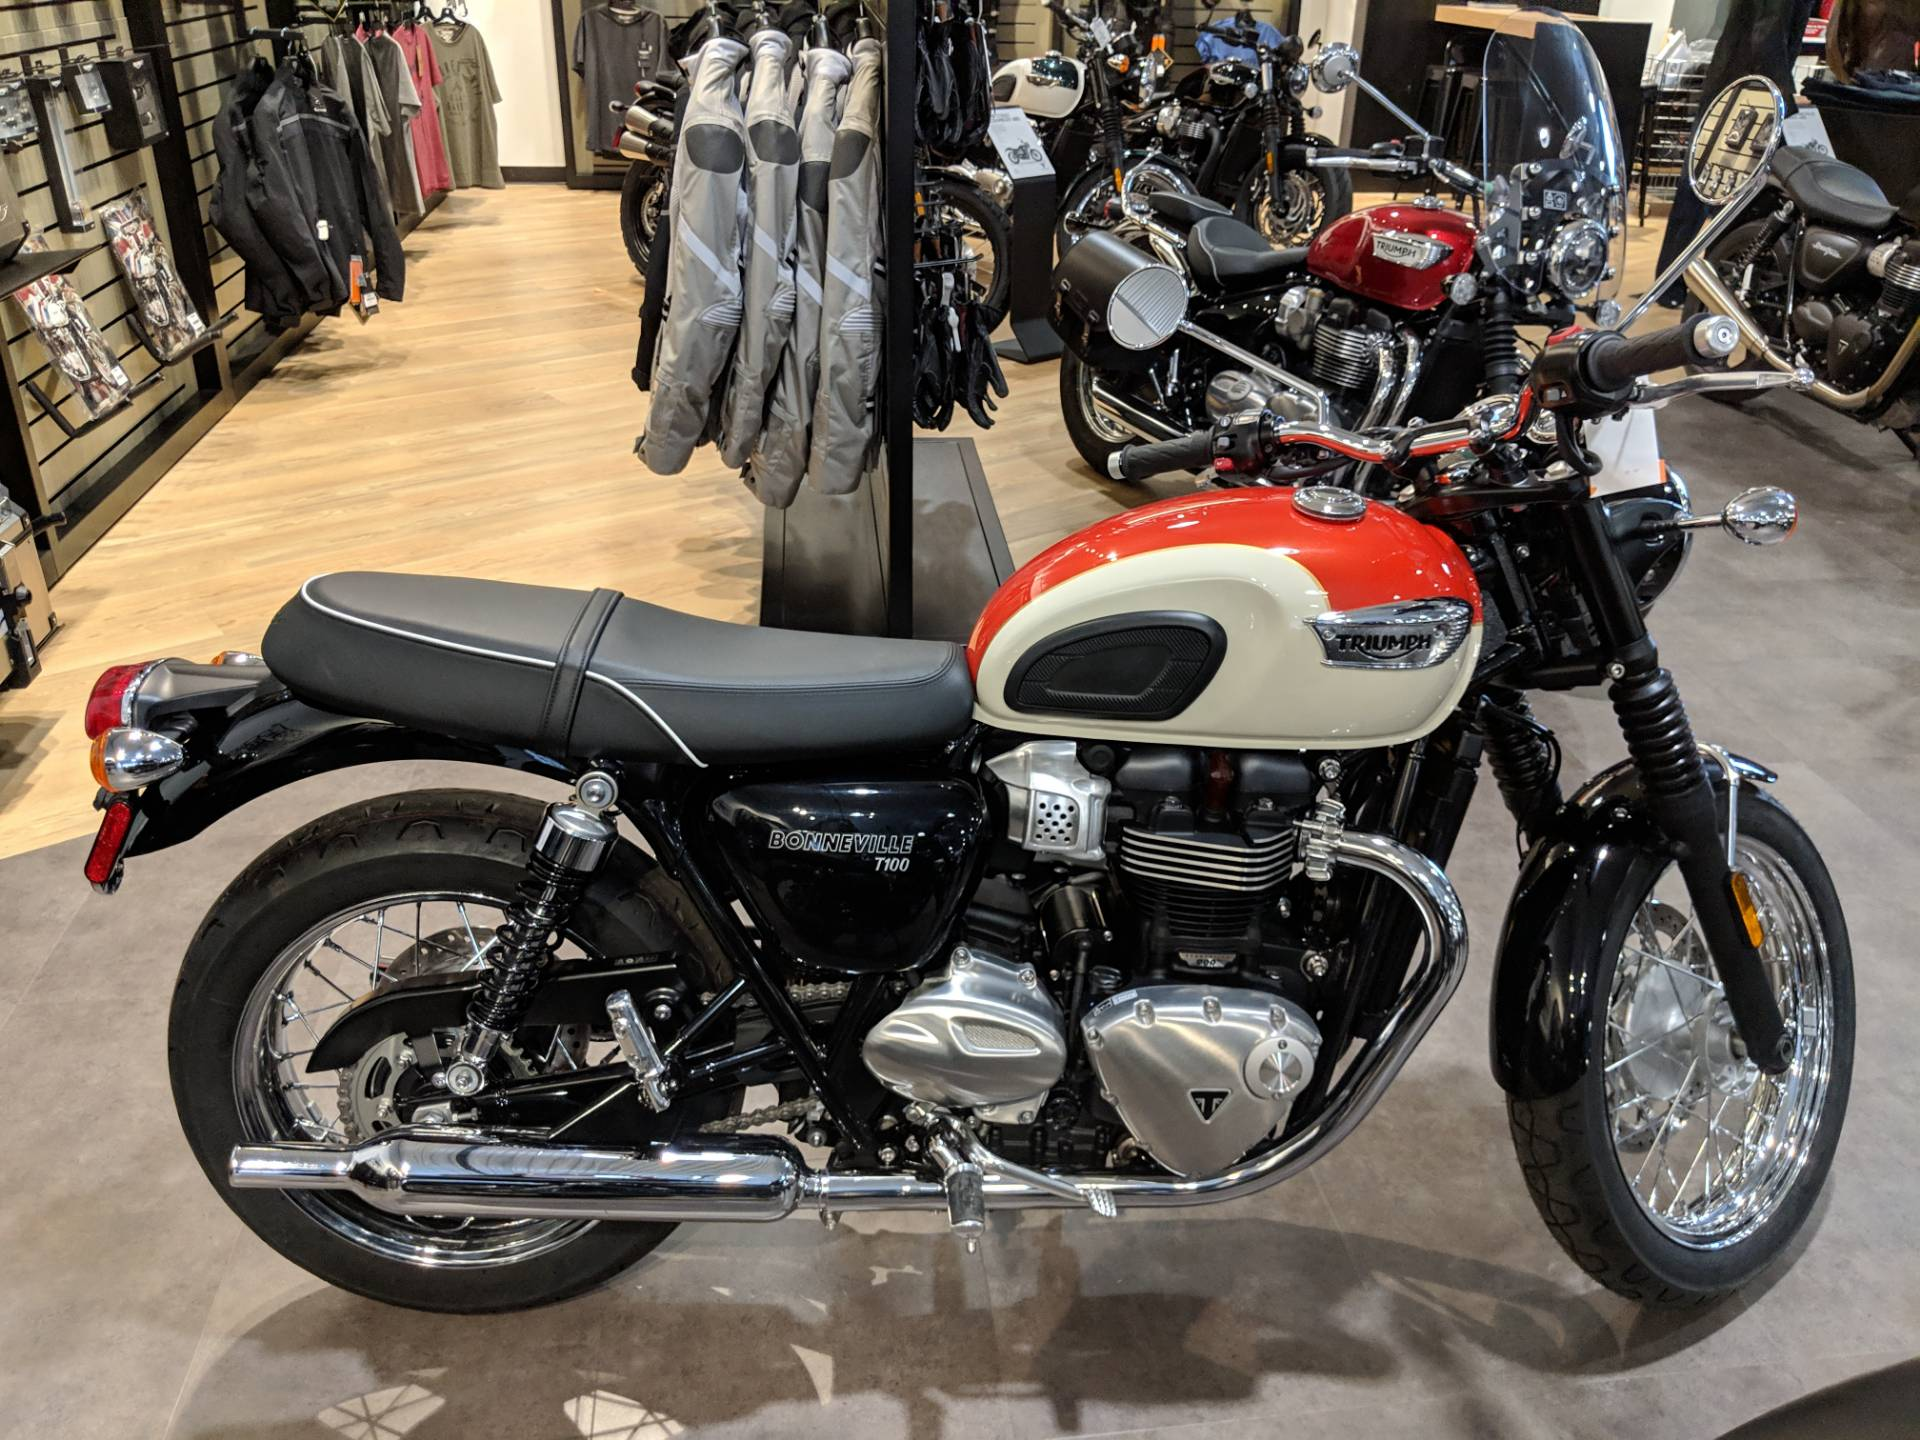 2018 Triumph Bonneville T100 for sale 1379